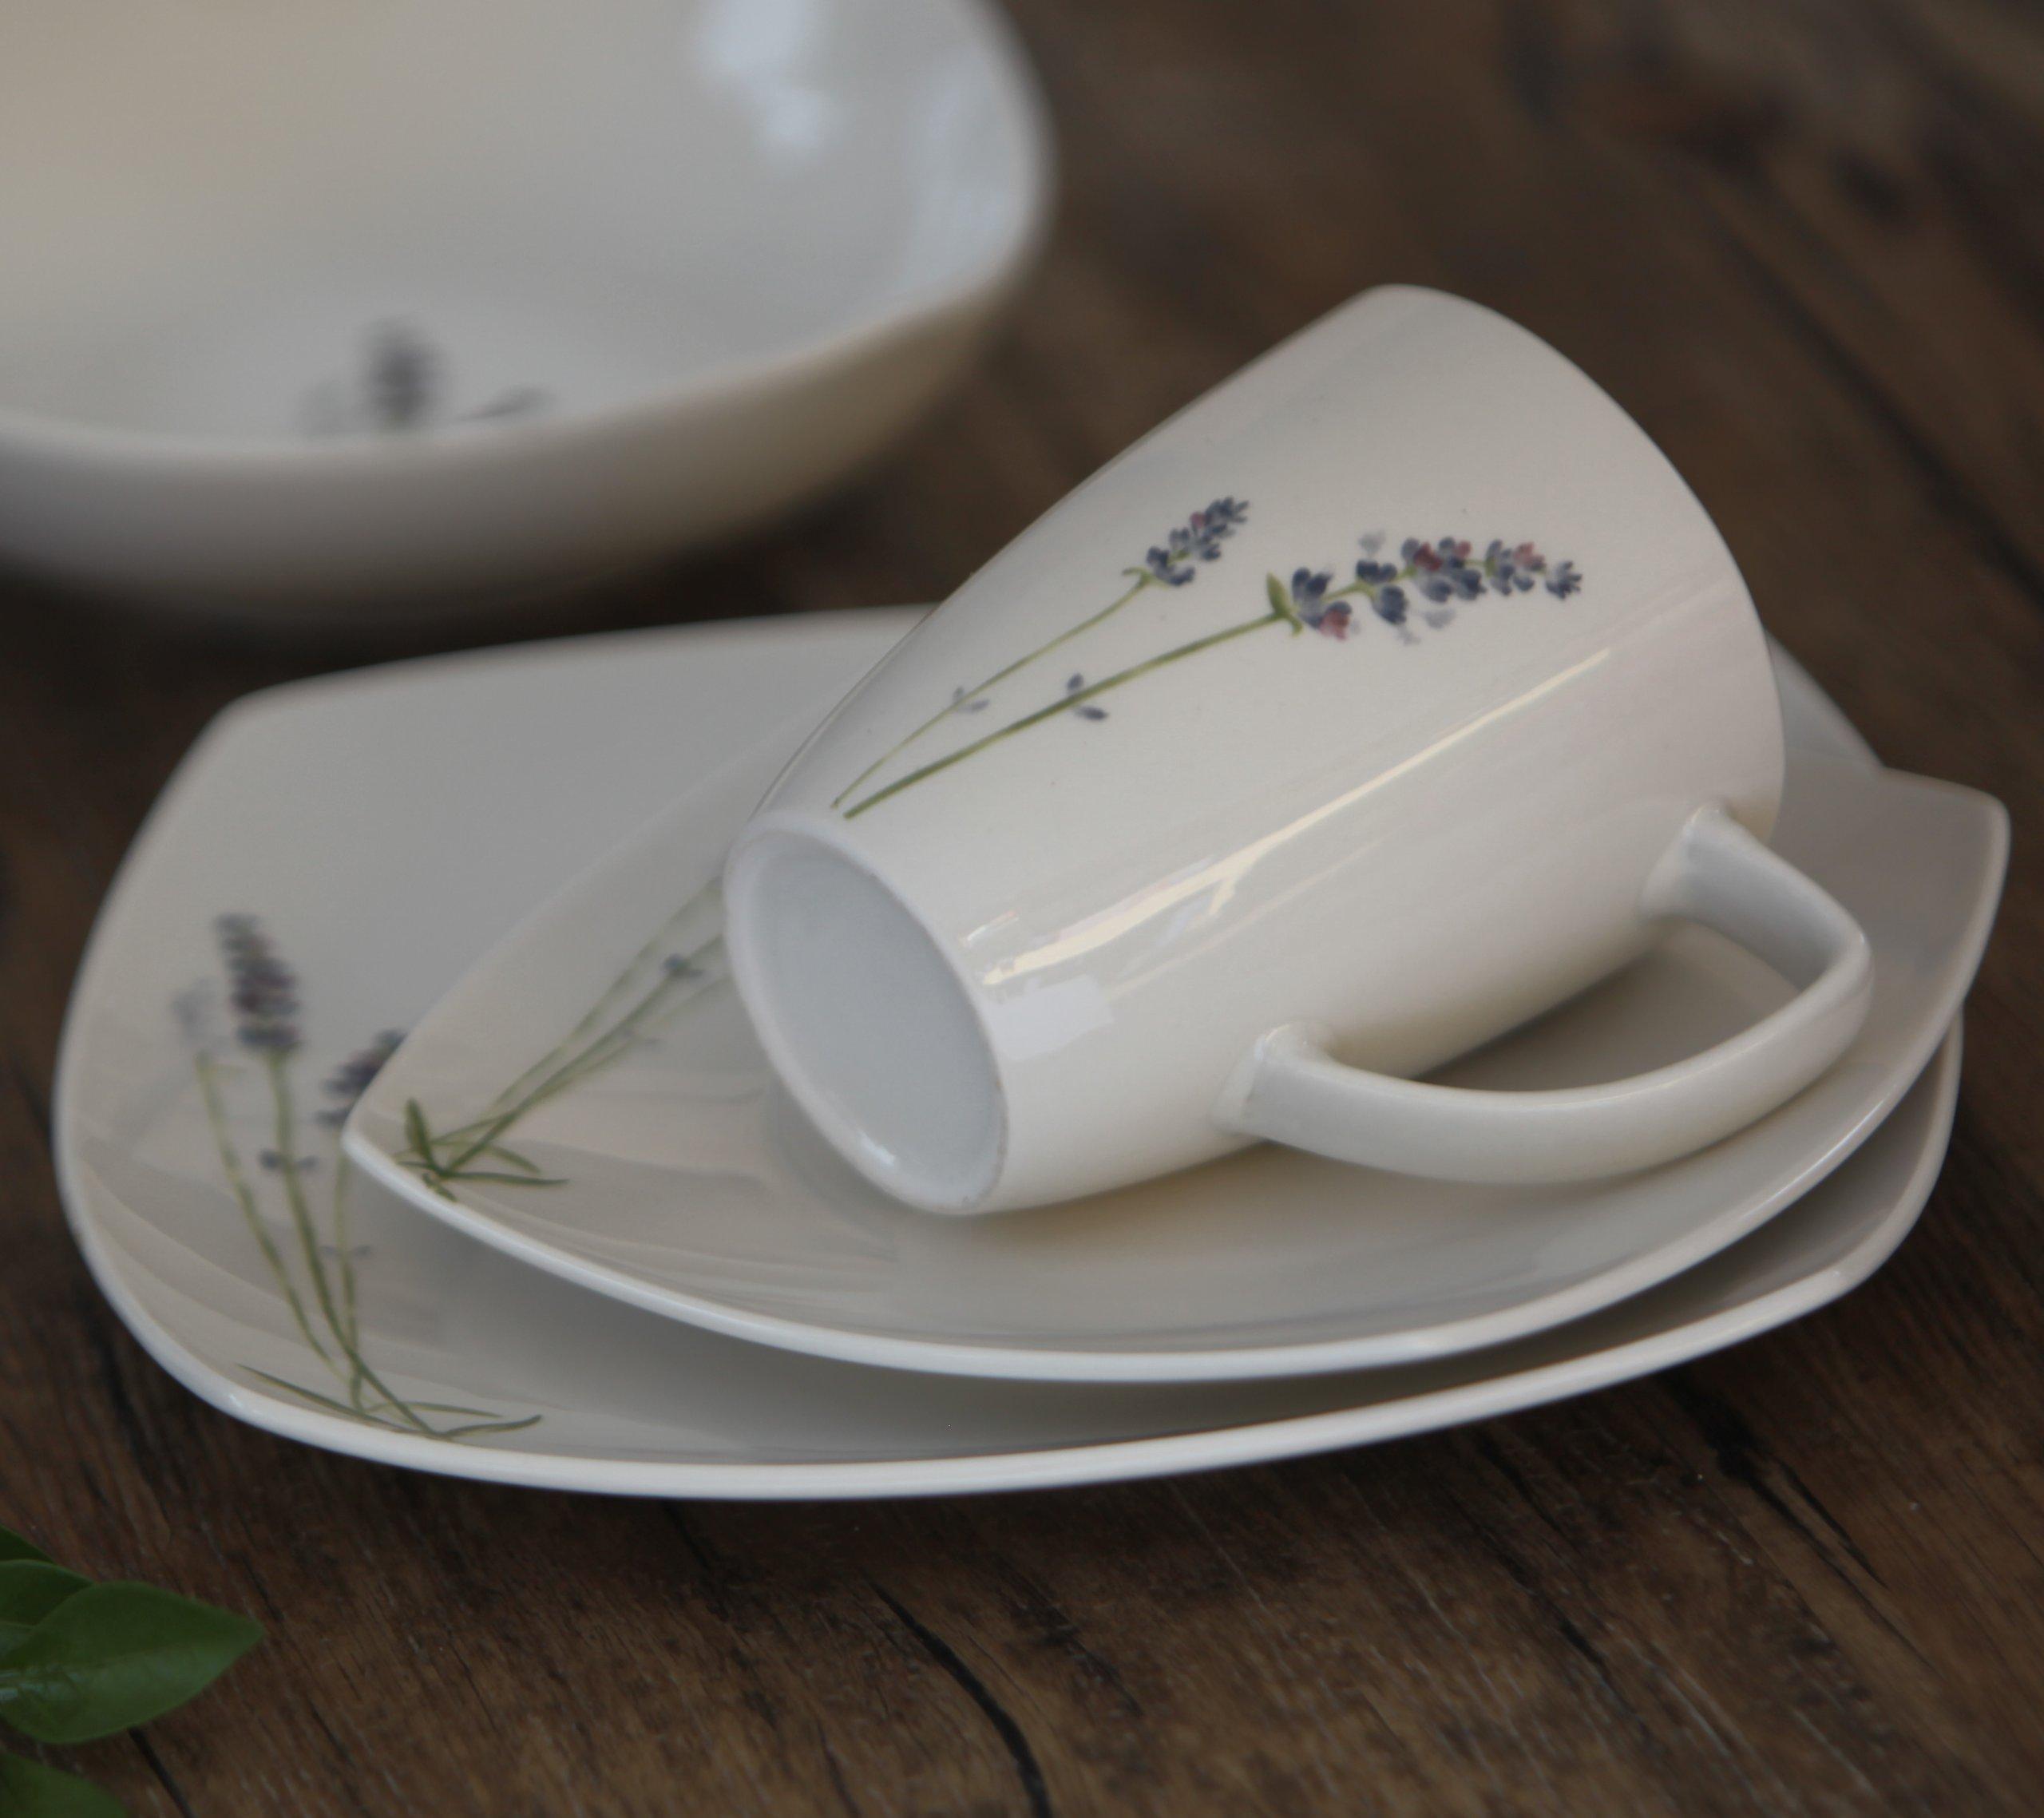 Melange Square 32-Piece Porcelain Dinnerware Set (Lavender) | Service for 8 | Microwave, Dishwasher & Oven Safe | Dinner Plate, Salad Plate, Soup Bowl & Mug (8 Each) by Melange (Image #5)